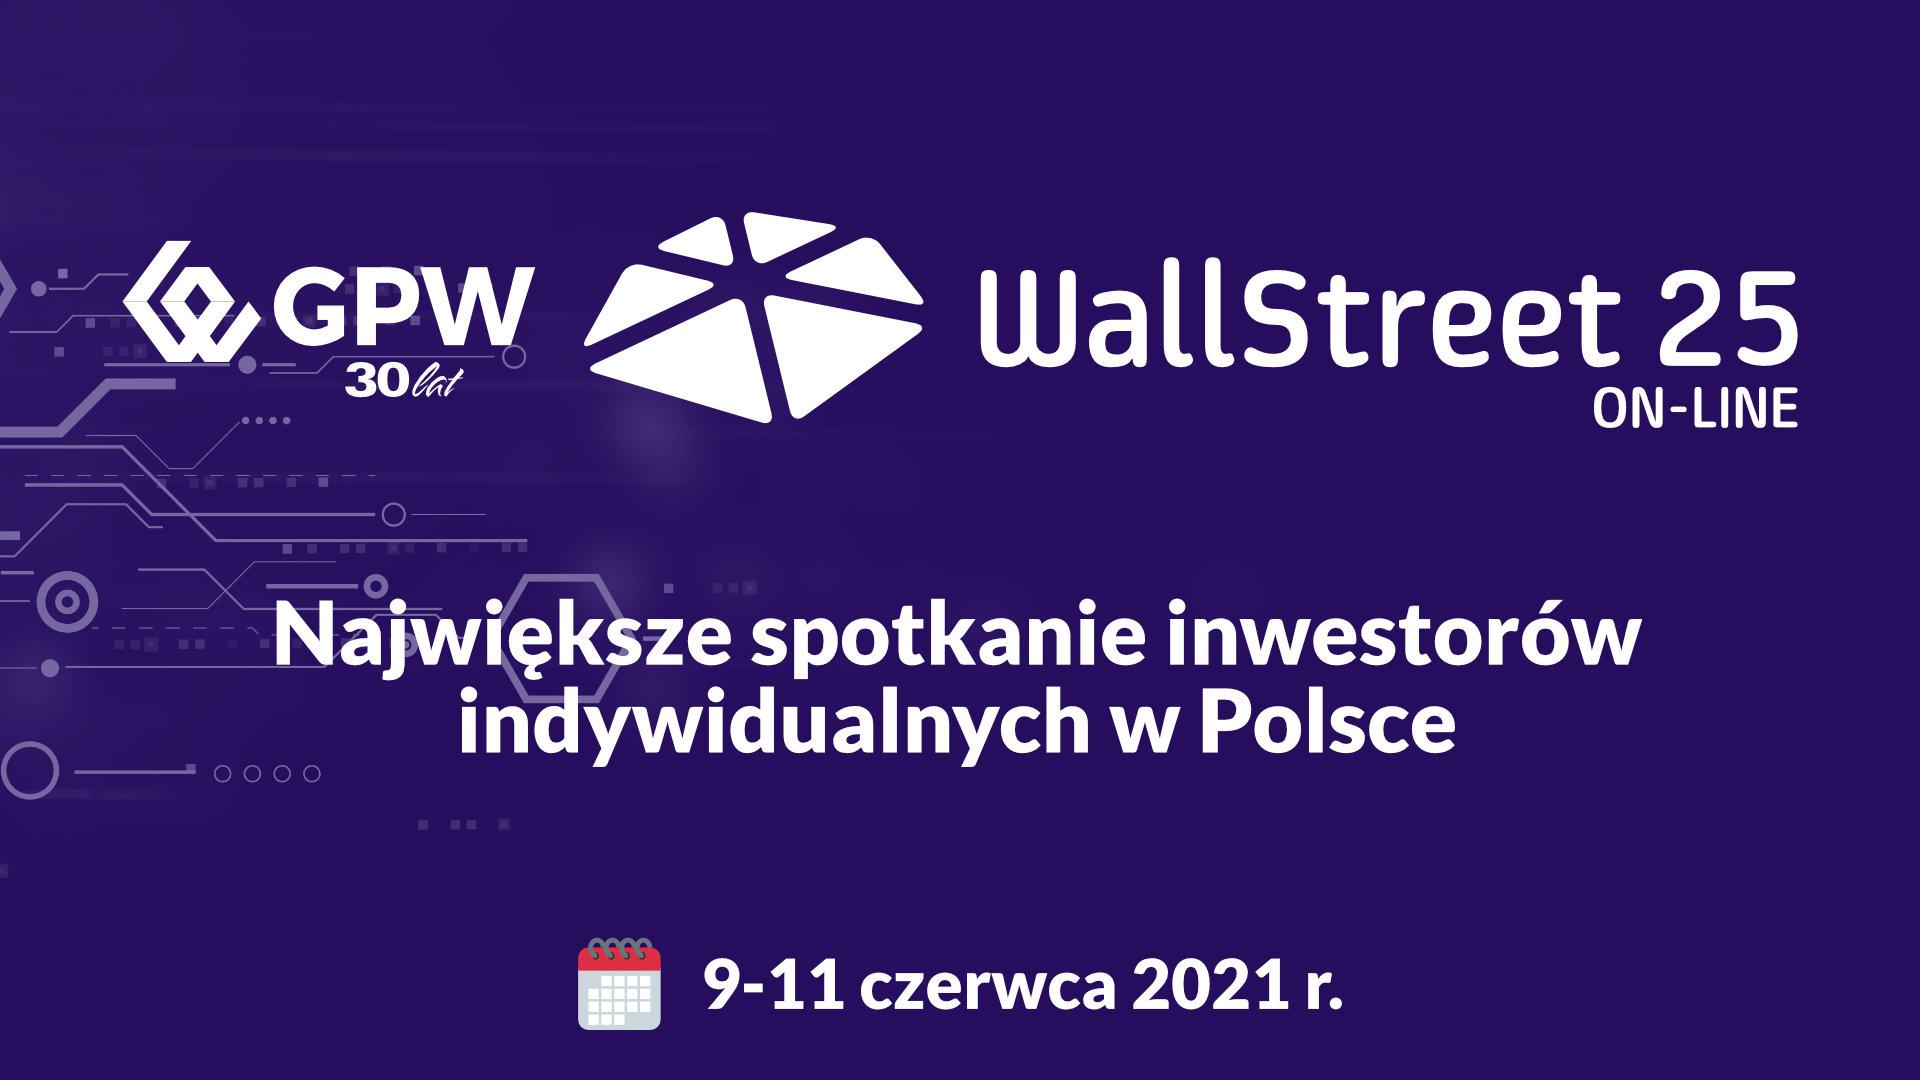 GPW WallStreet 25